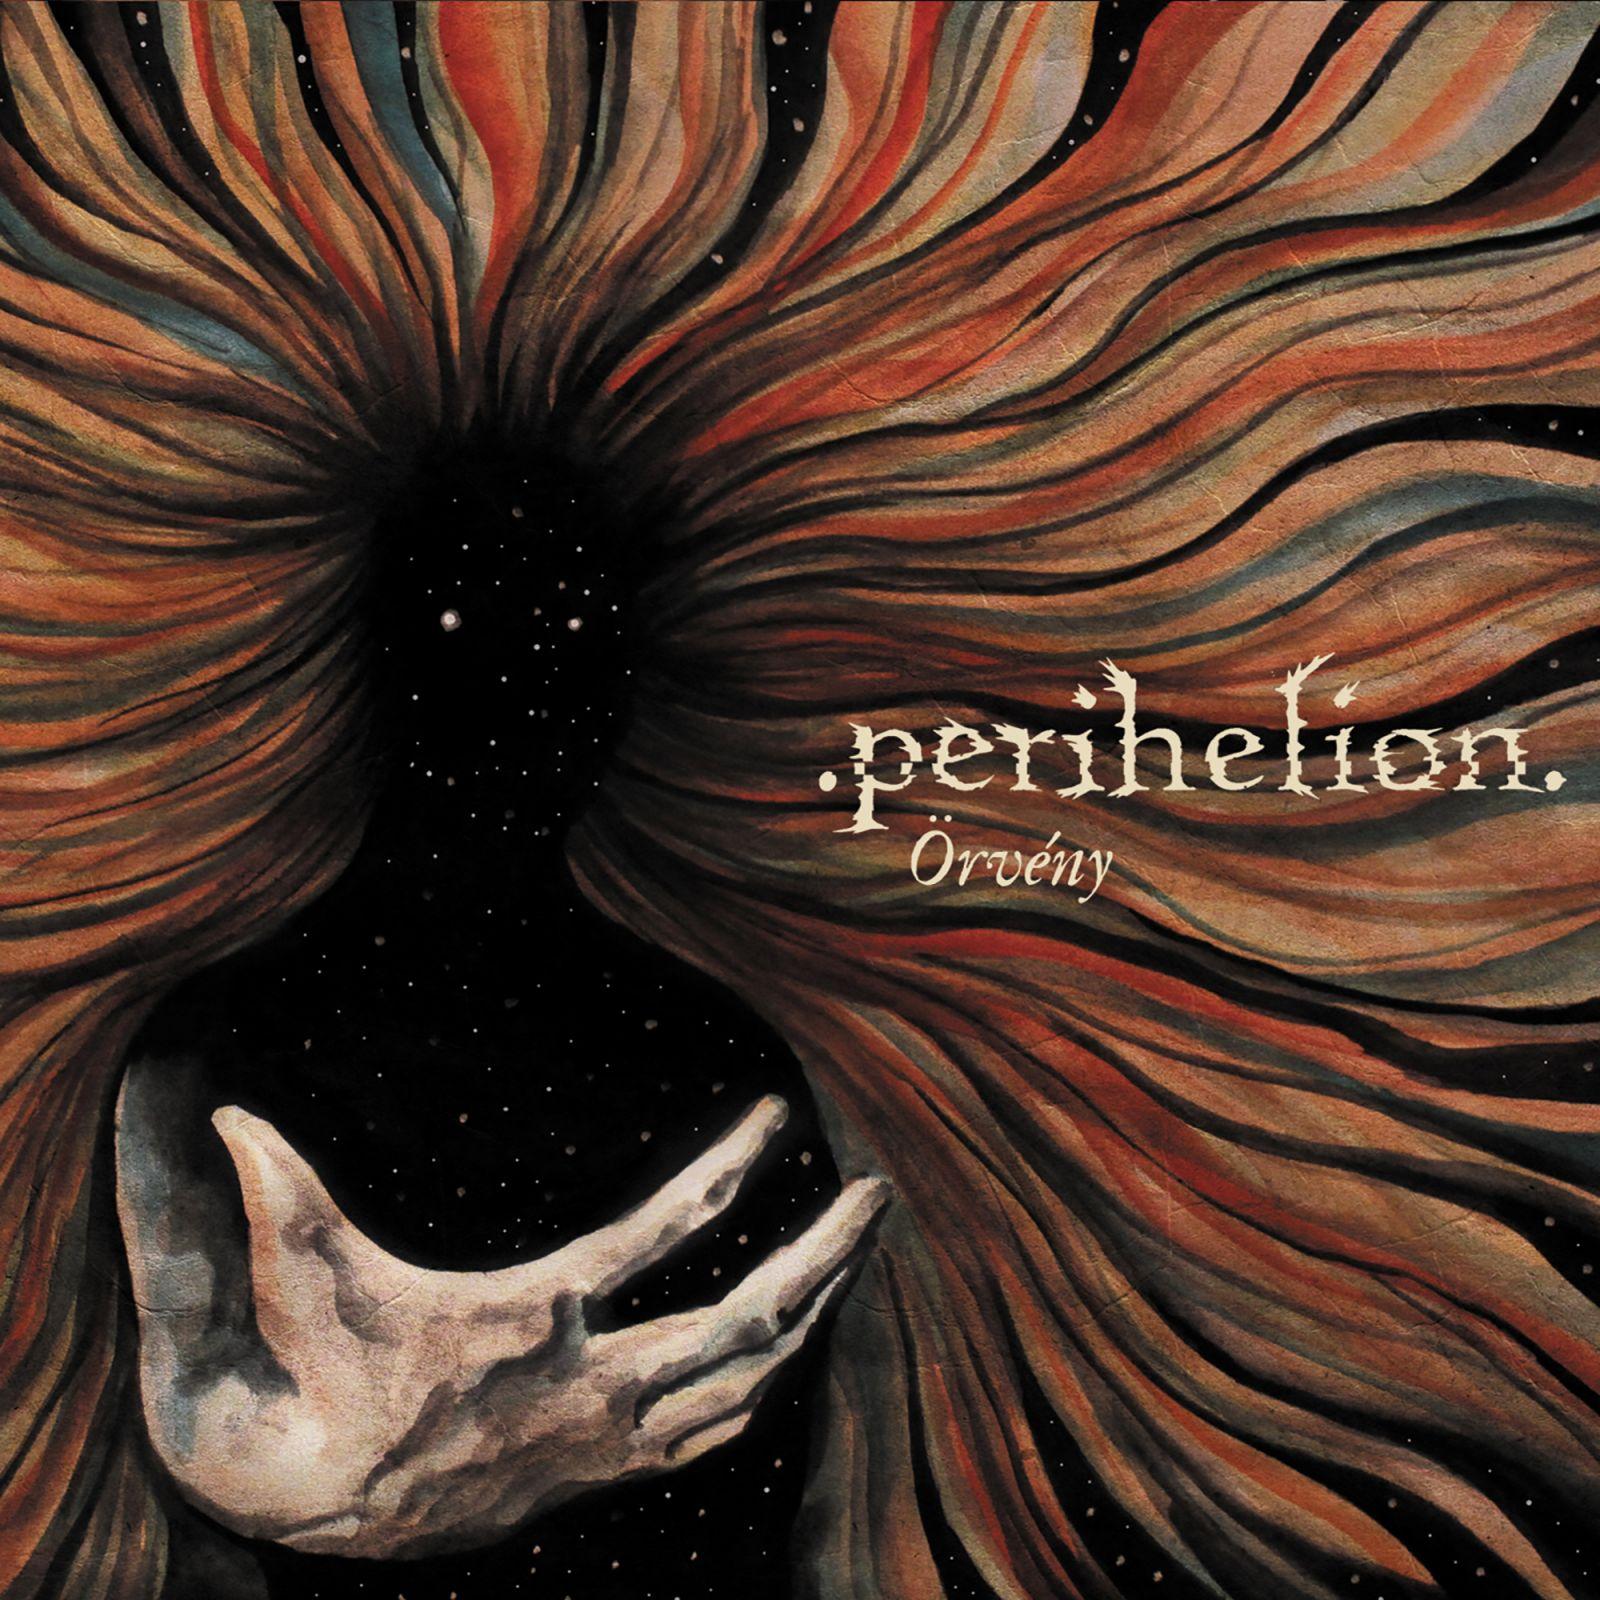 Perihelion - Örvény<br /><br />A debreceniek 2015 óta minden évben kiadtak egy anyagot, melyekkel folyamatosan fentebb tornázzák a lécet. Aki kedveli a földöntúli dallamokkal kevert, avantgarde és black metal ízeket is gazdagon alkalmazó muzsikát és még nem találkozott a Perihelionnal, most szégyelje el magát.